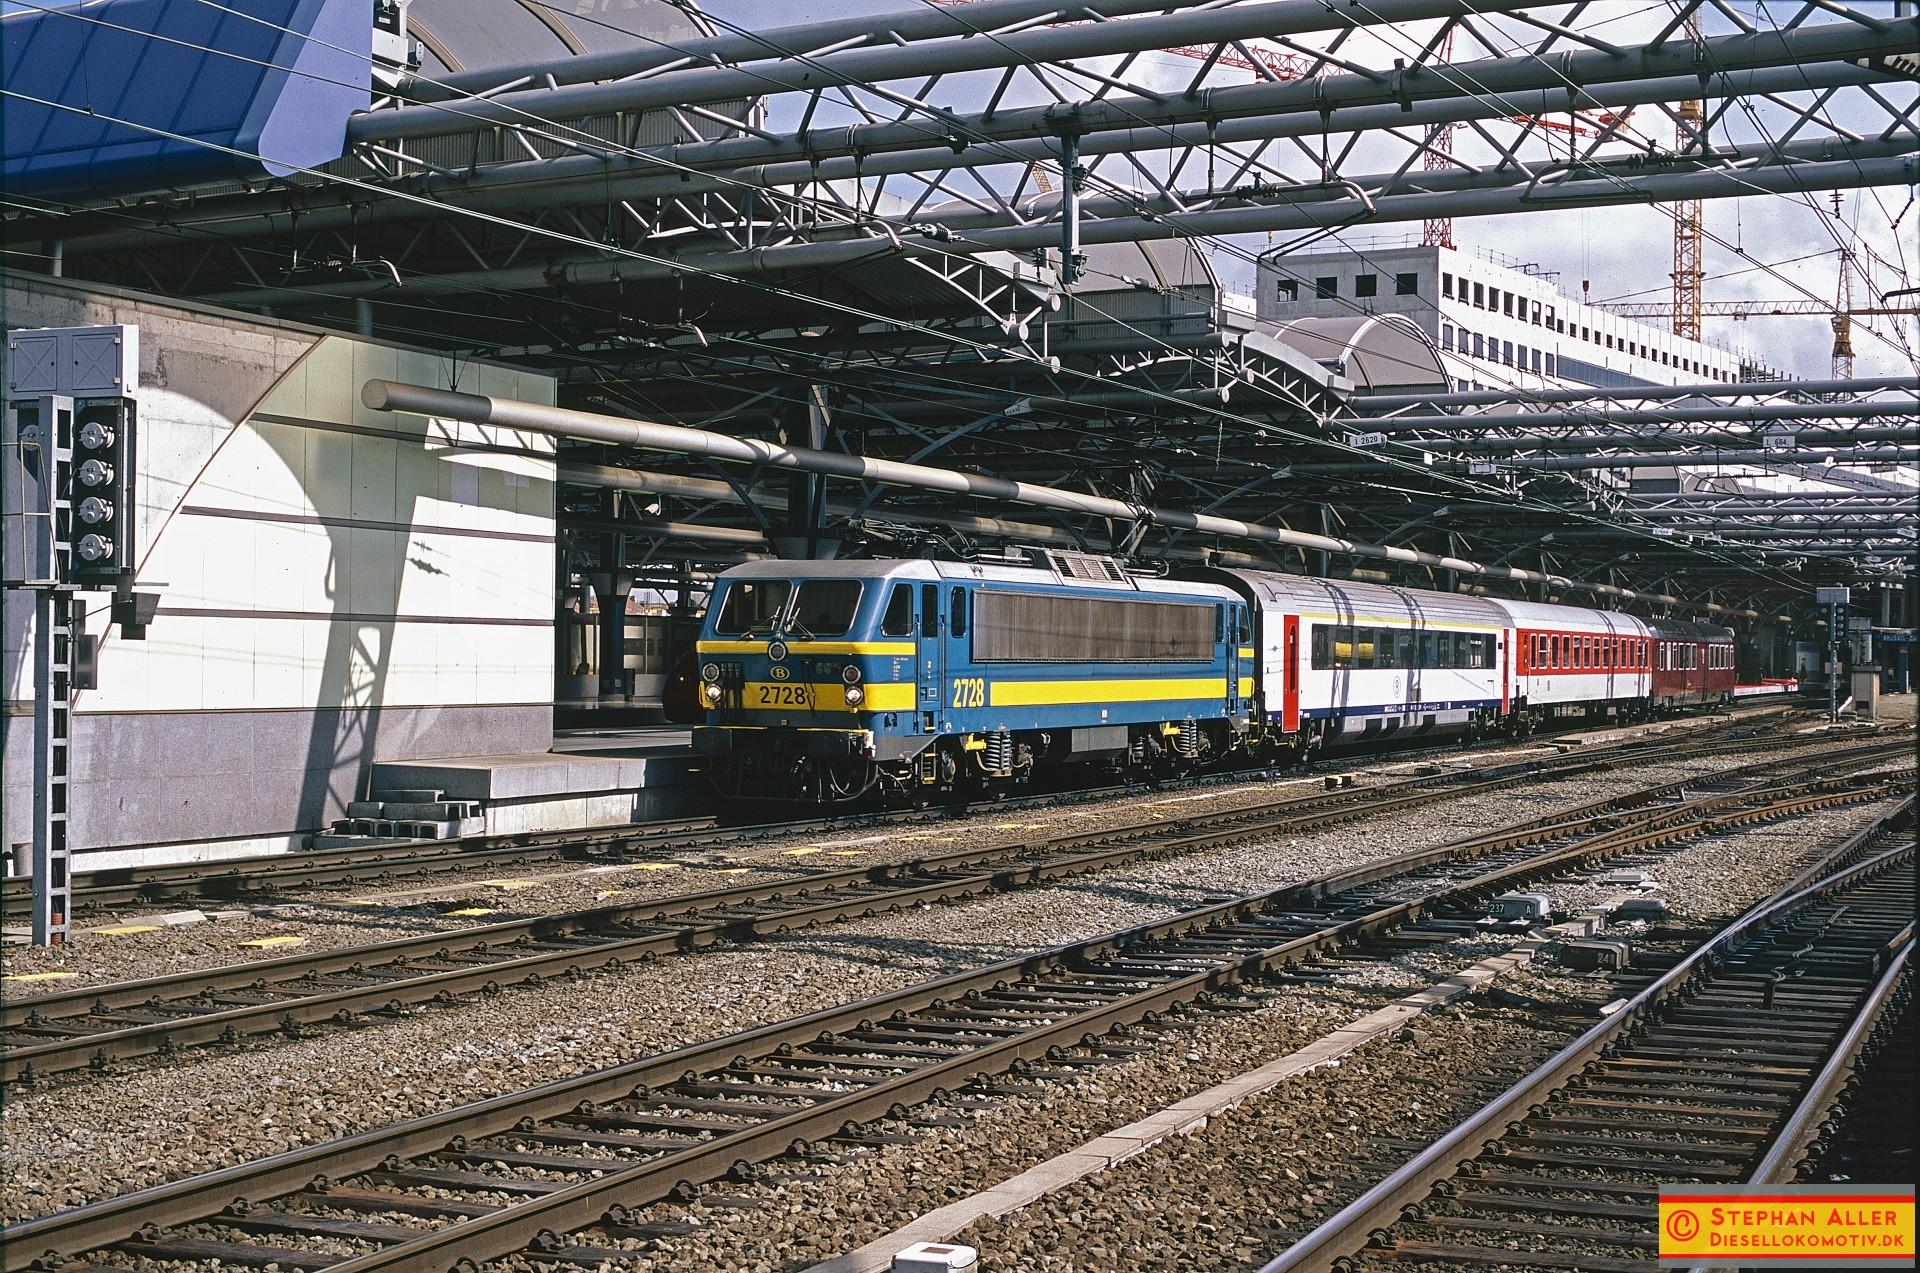 FP4802r